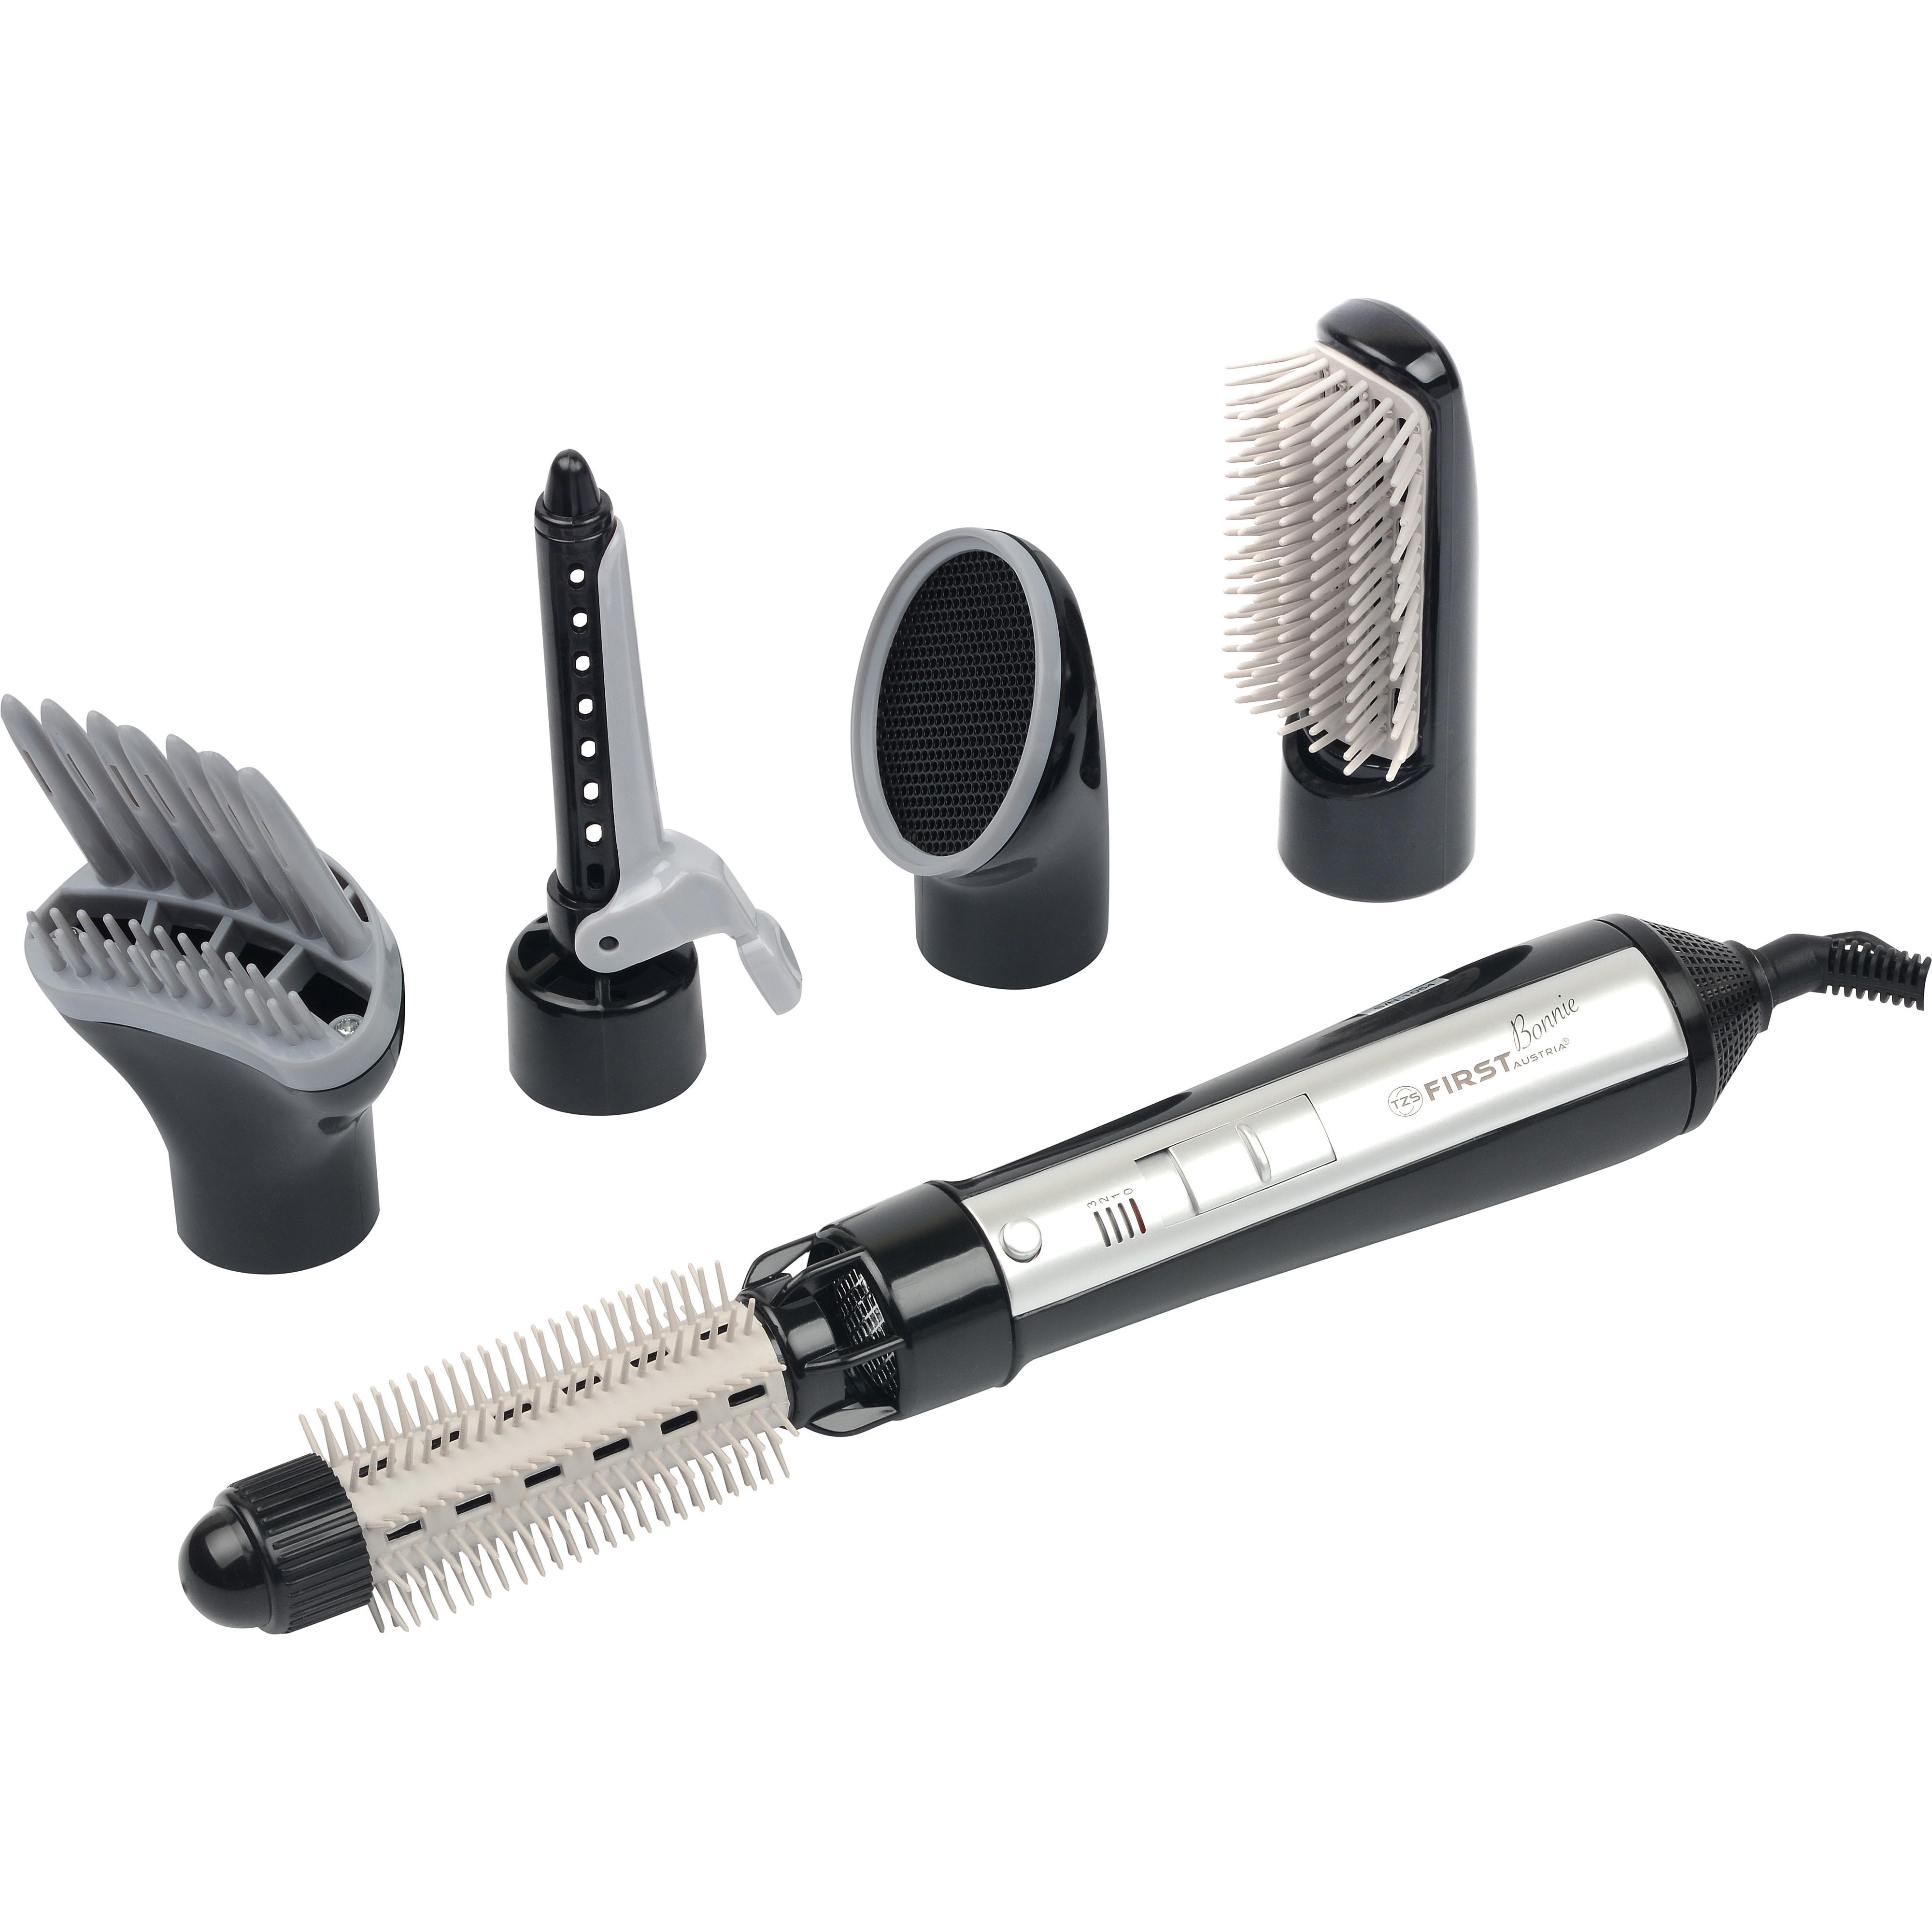 Набор для укладки FIRST 5651-1 BlackПлойки и выпрямители<br>Фен-щетка First FA-5651-1 - идеальное устройство для создания объемных и пышных причесок, которое незаменимо при работе с короткими или средними по длине волосами.<br>